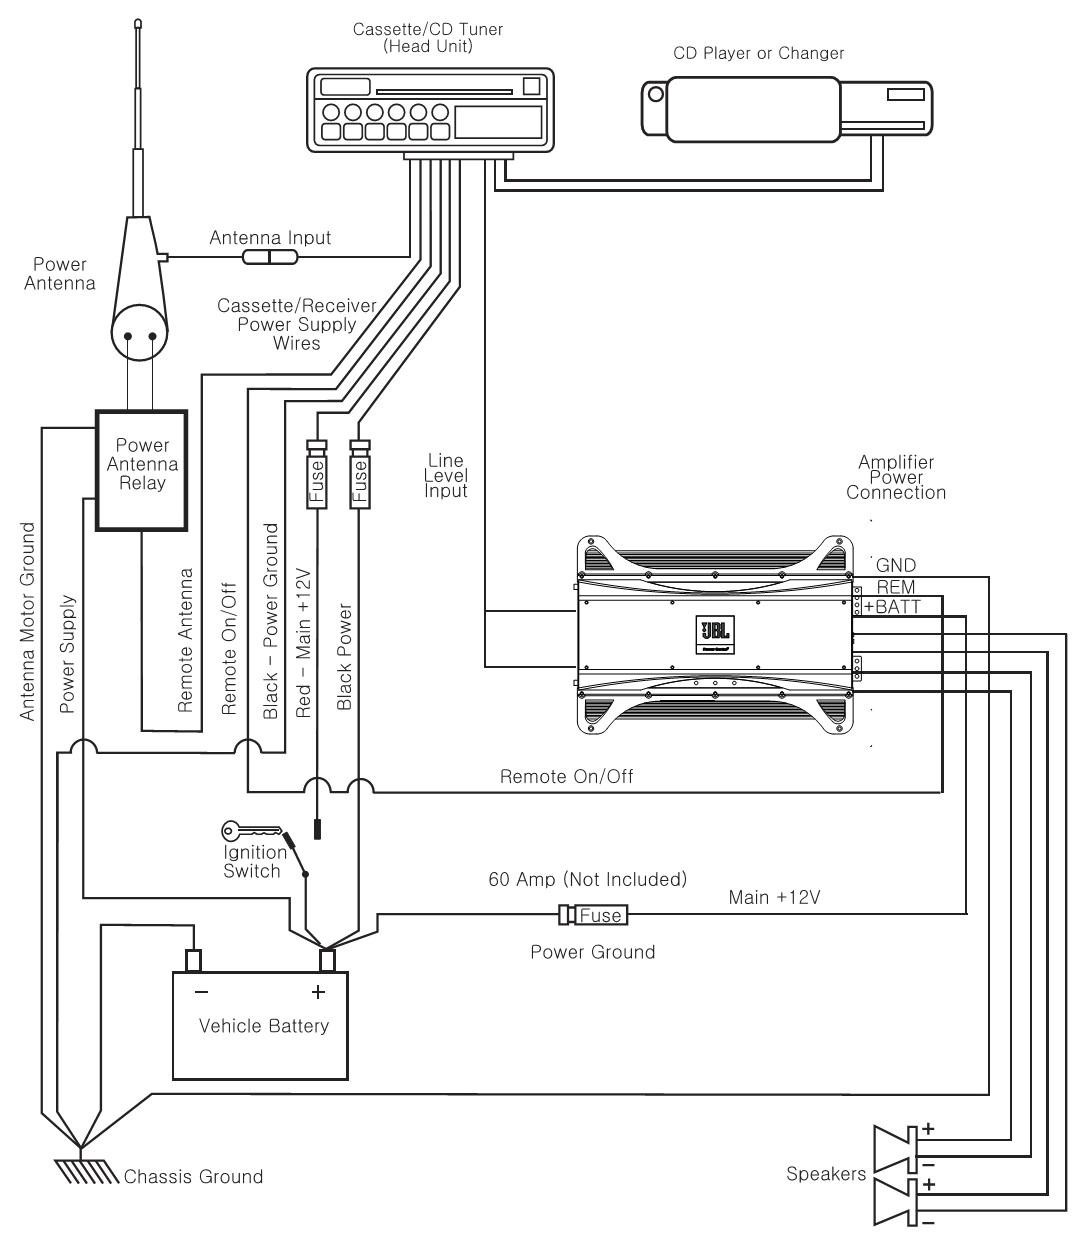 3 wire winch plug diagram wiring diagramwarn winch wiring diagrams nc4x4ai180 photobucket